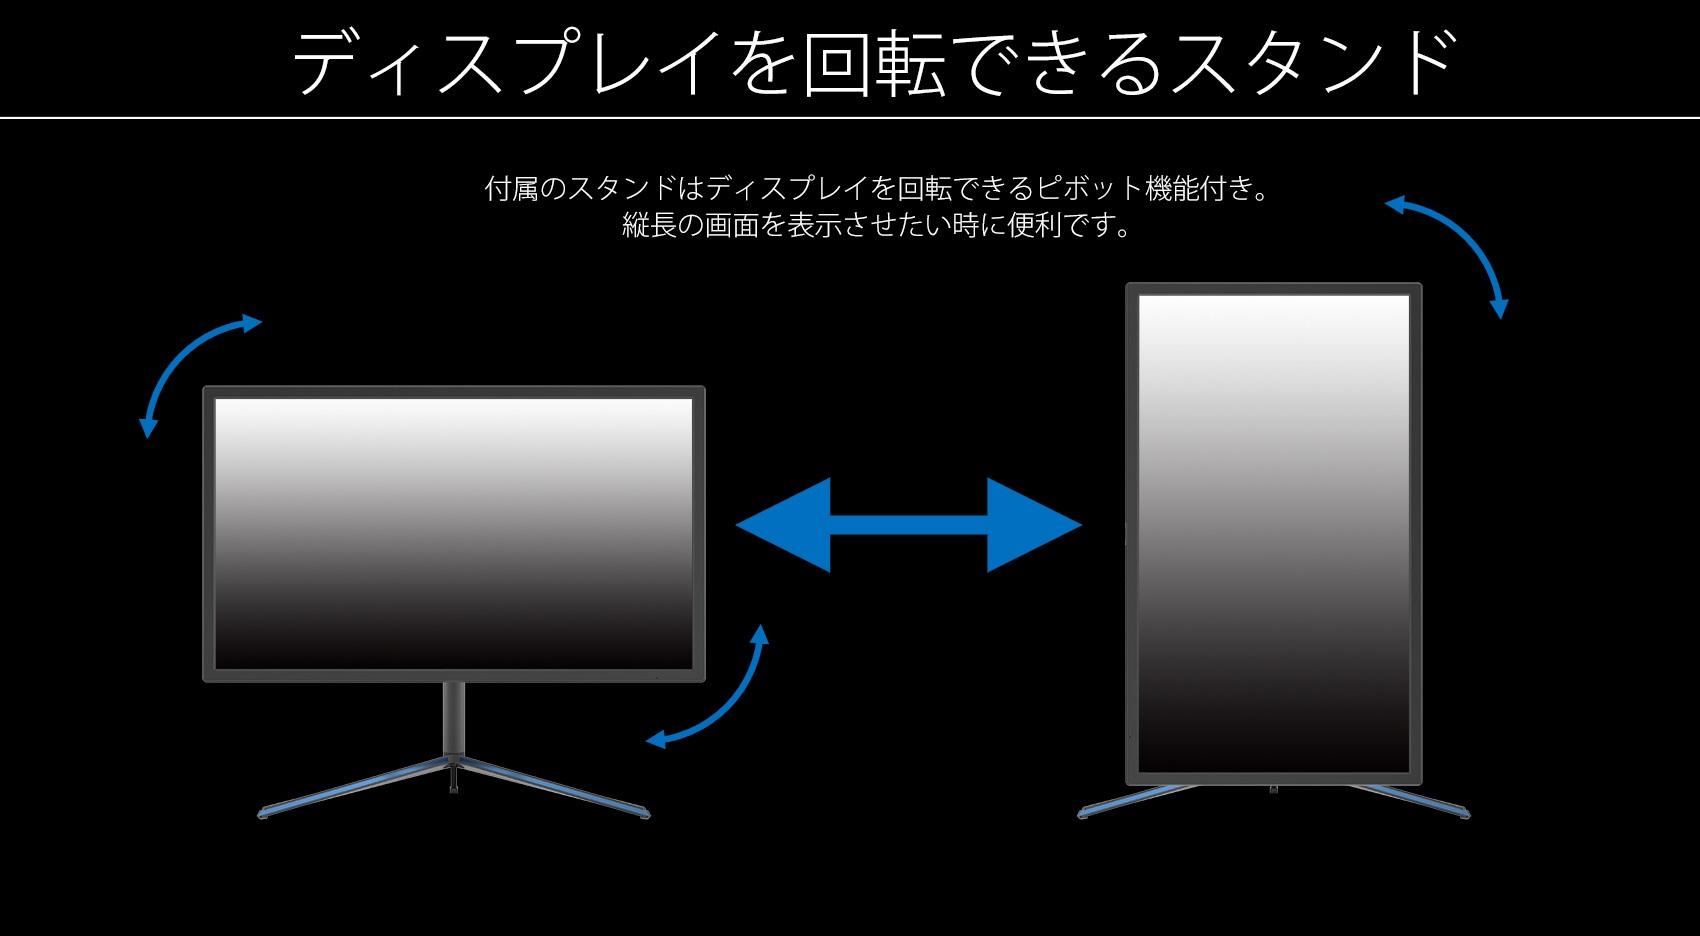 ディスプレイを回転できるスタンド 付属のスタンドはディスプレイを回転できるピボット機能付き。 縦長の画面を表示させたい時に便利です。